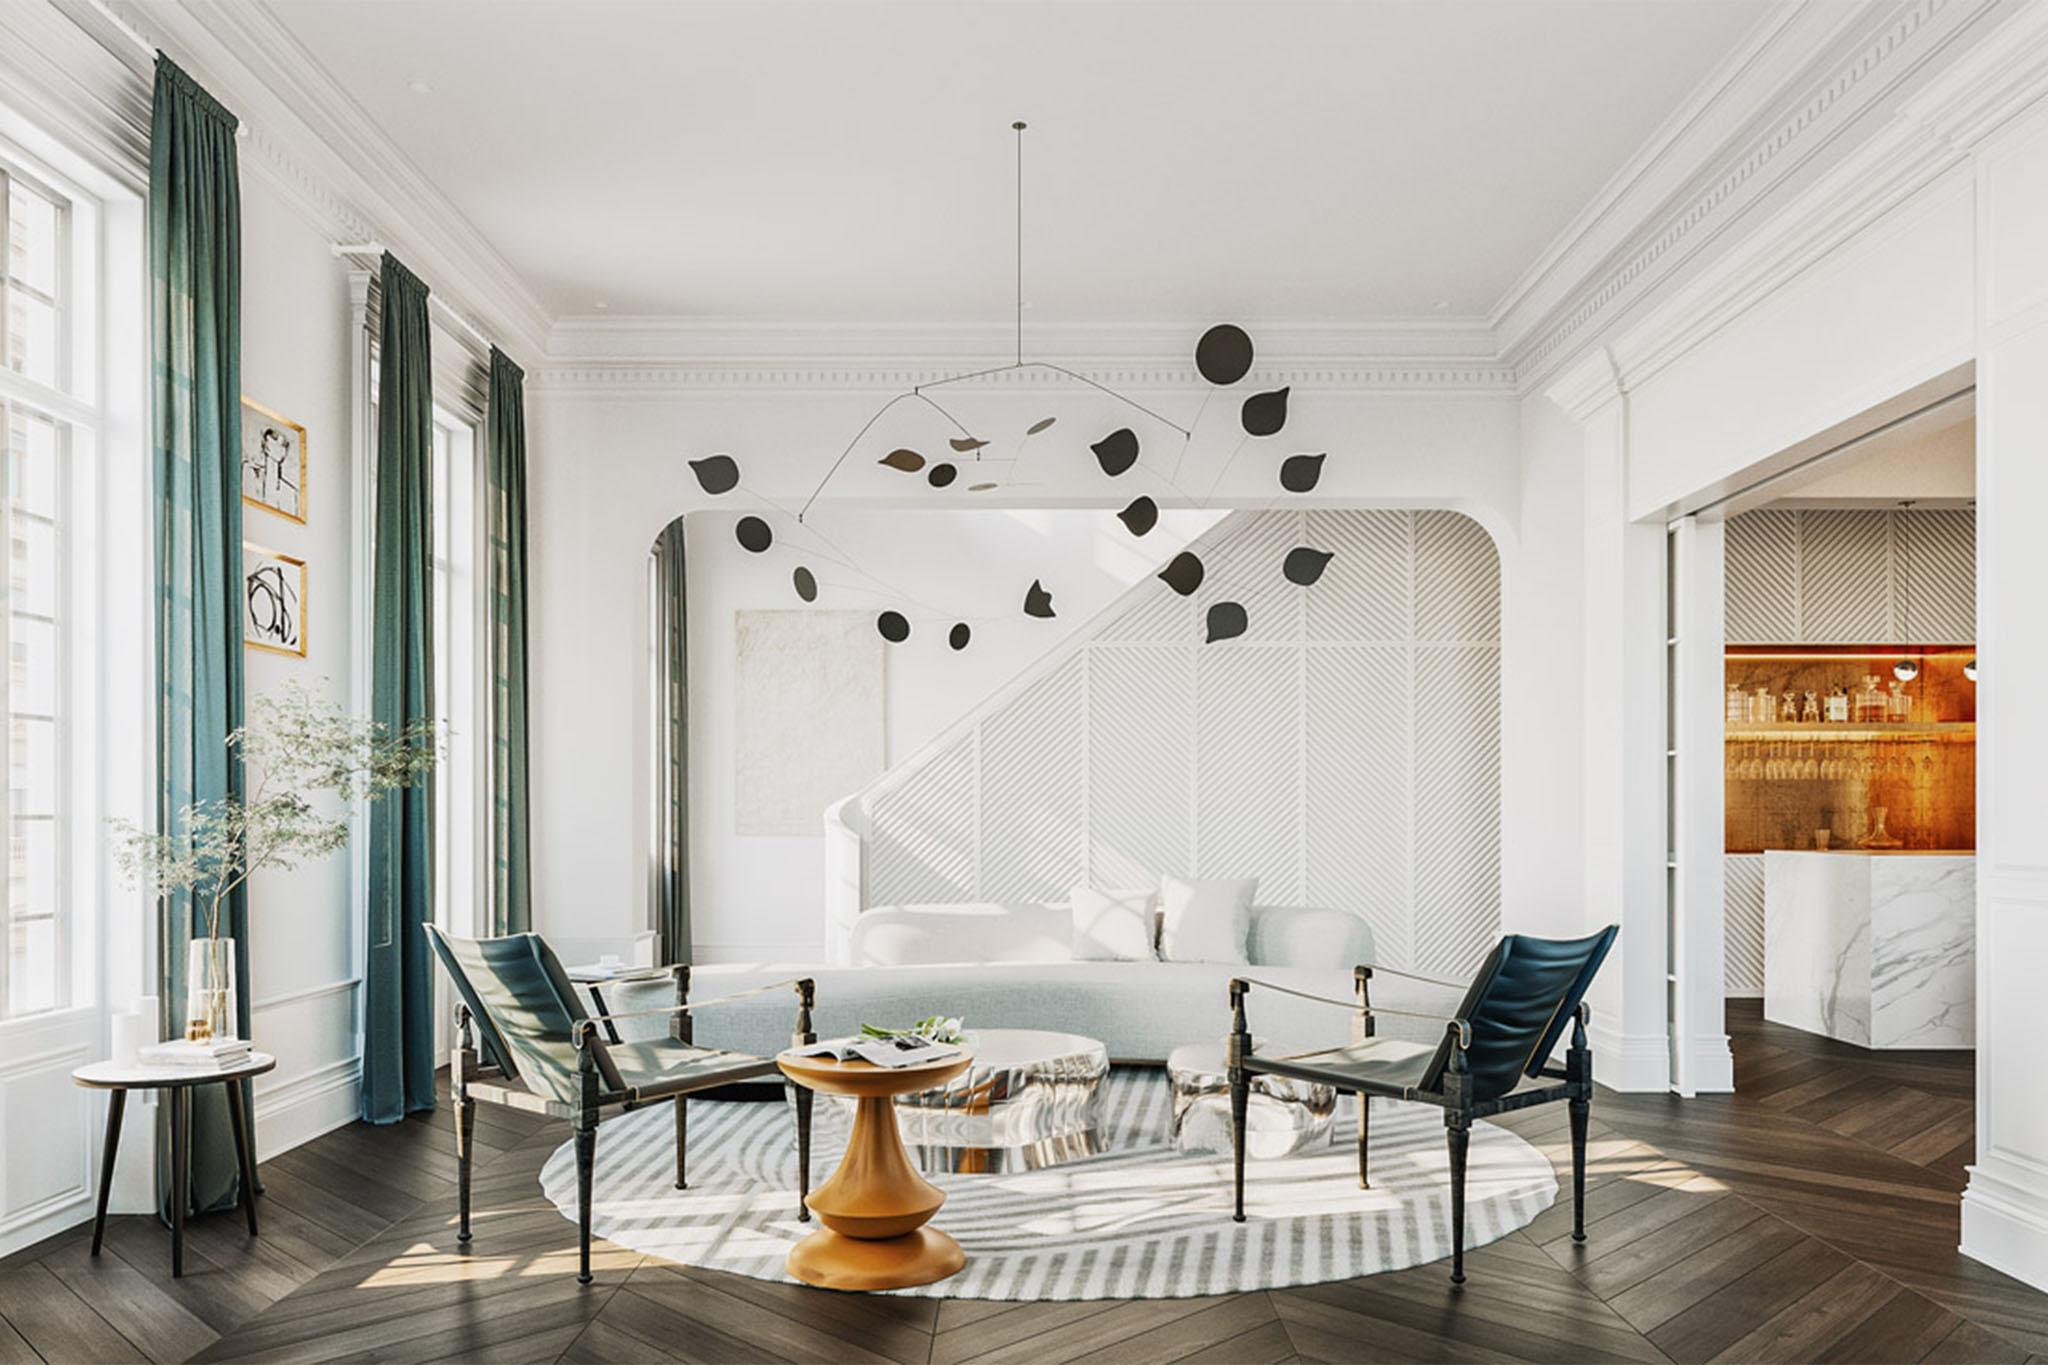 Thiết kế không gian cafe tân cổ điển Châu Âu